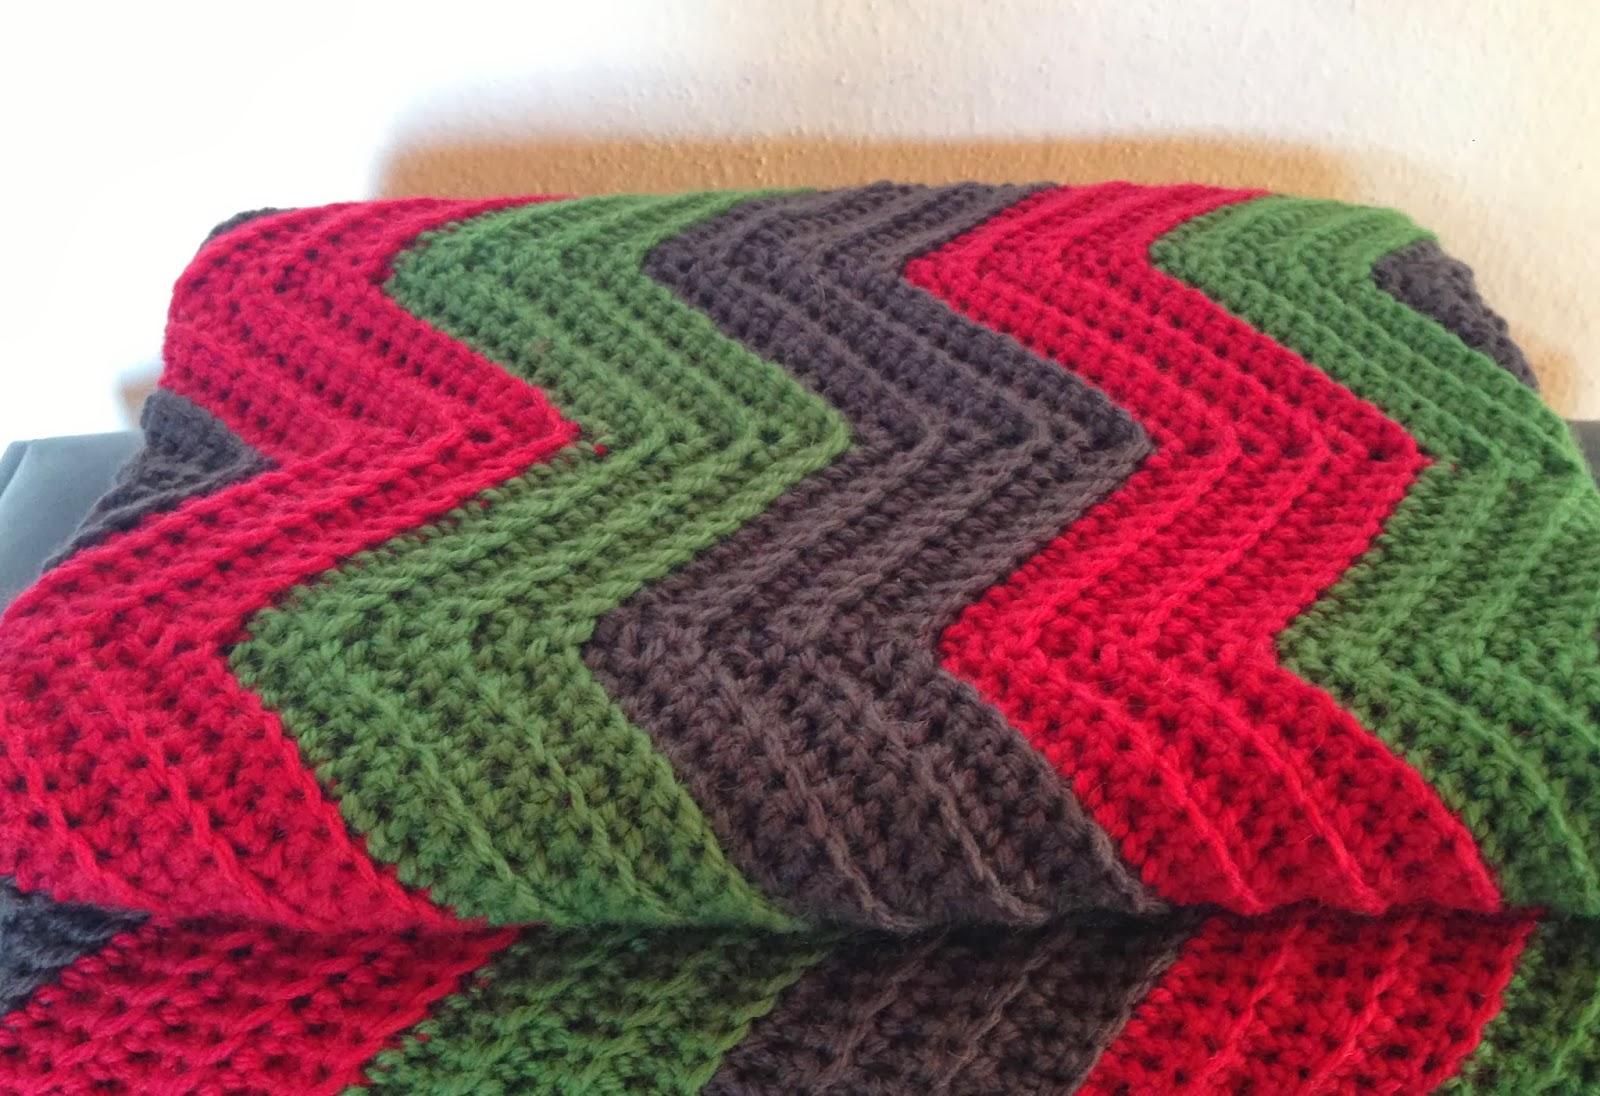 Chevron Knitting Pattern Afghan : Crochet Chevron/Ripple Baby Blanket What Do I Do?